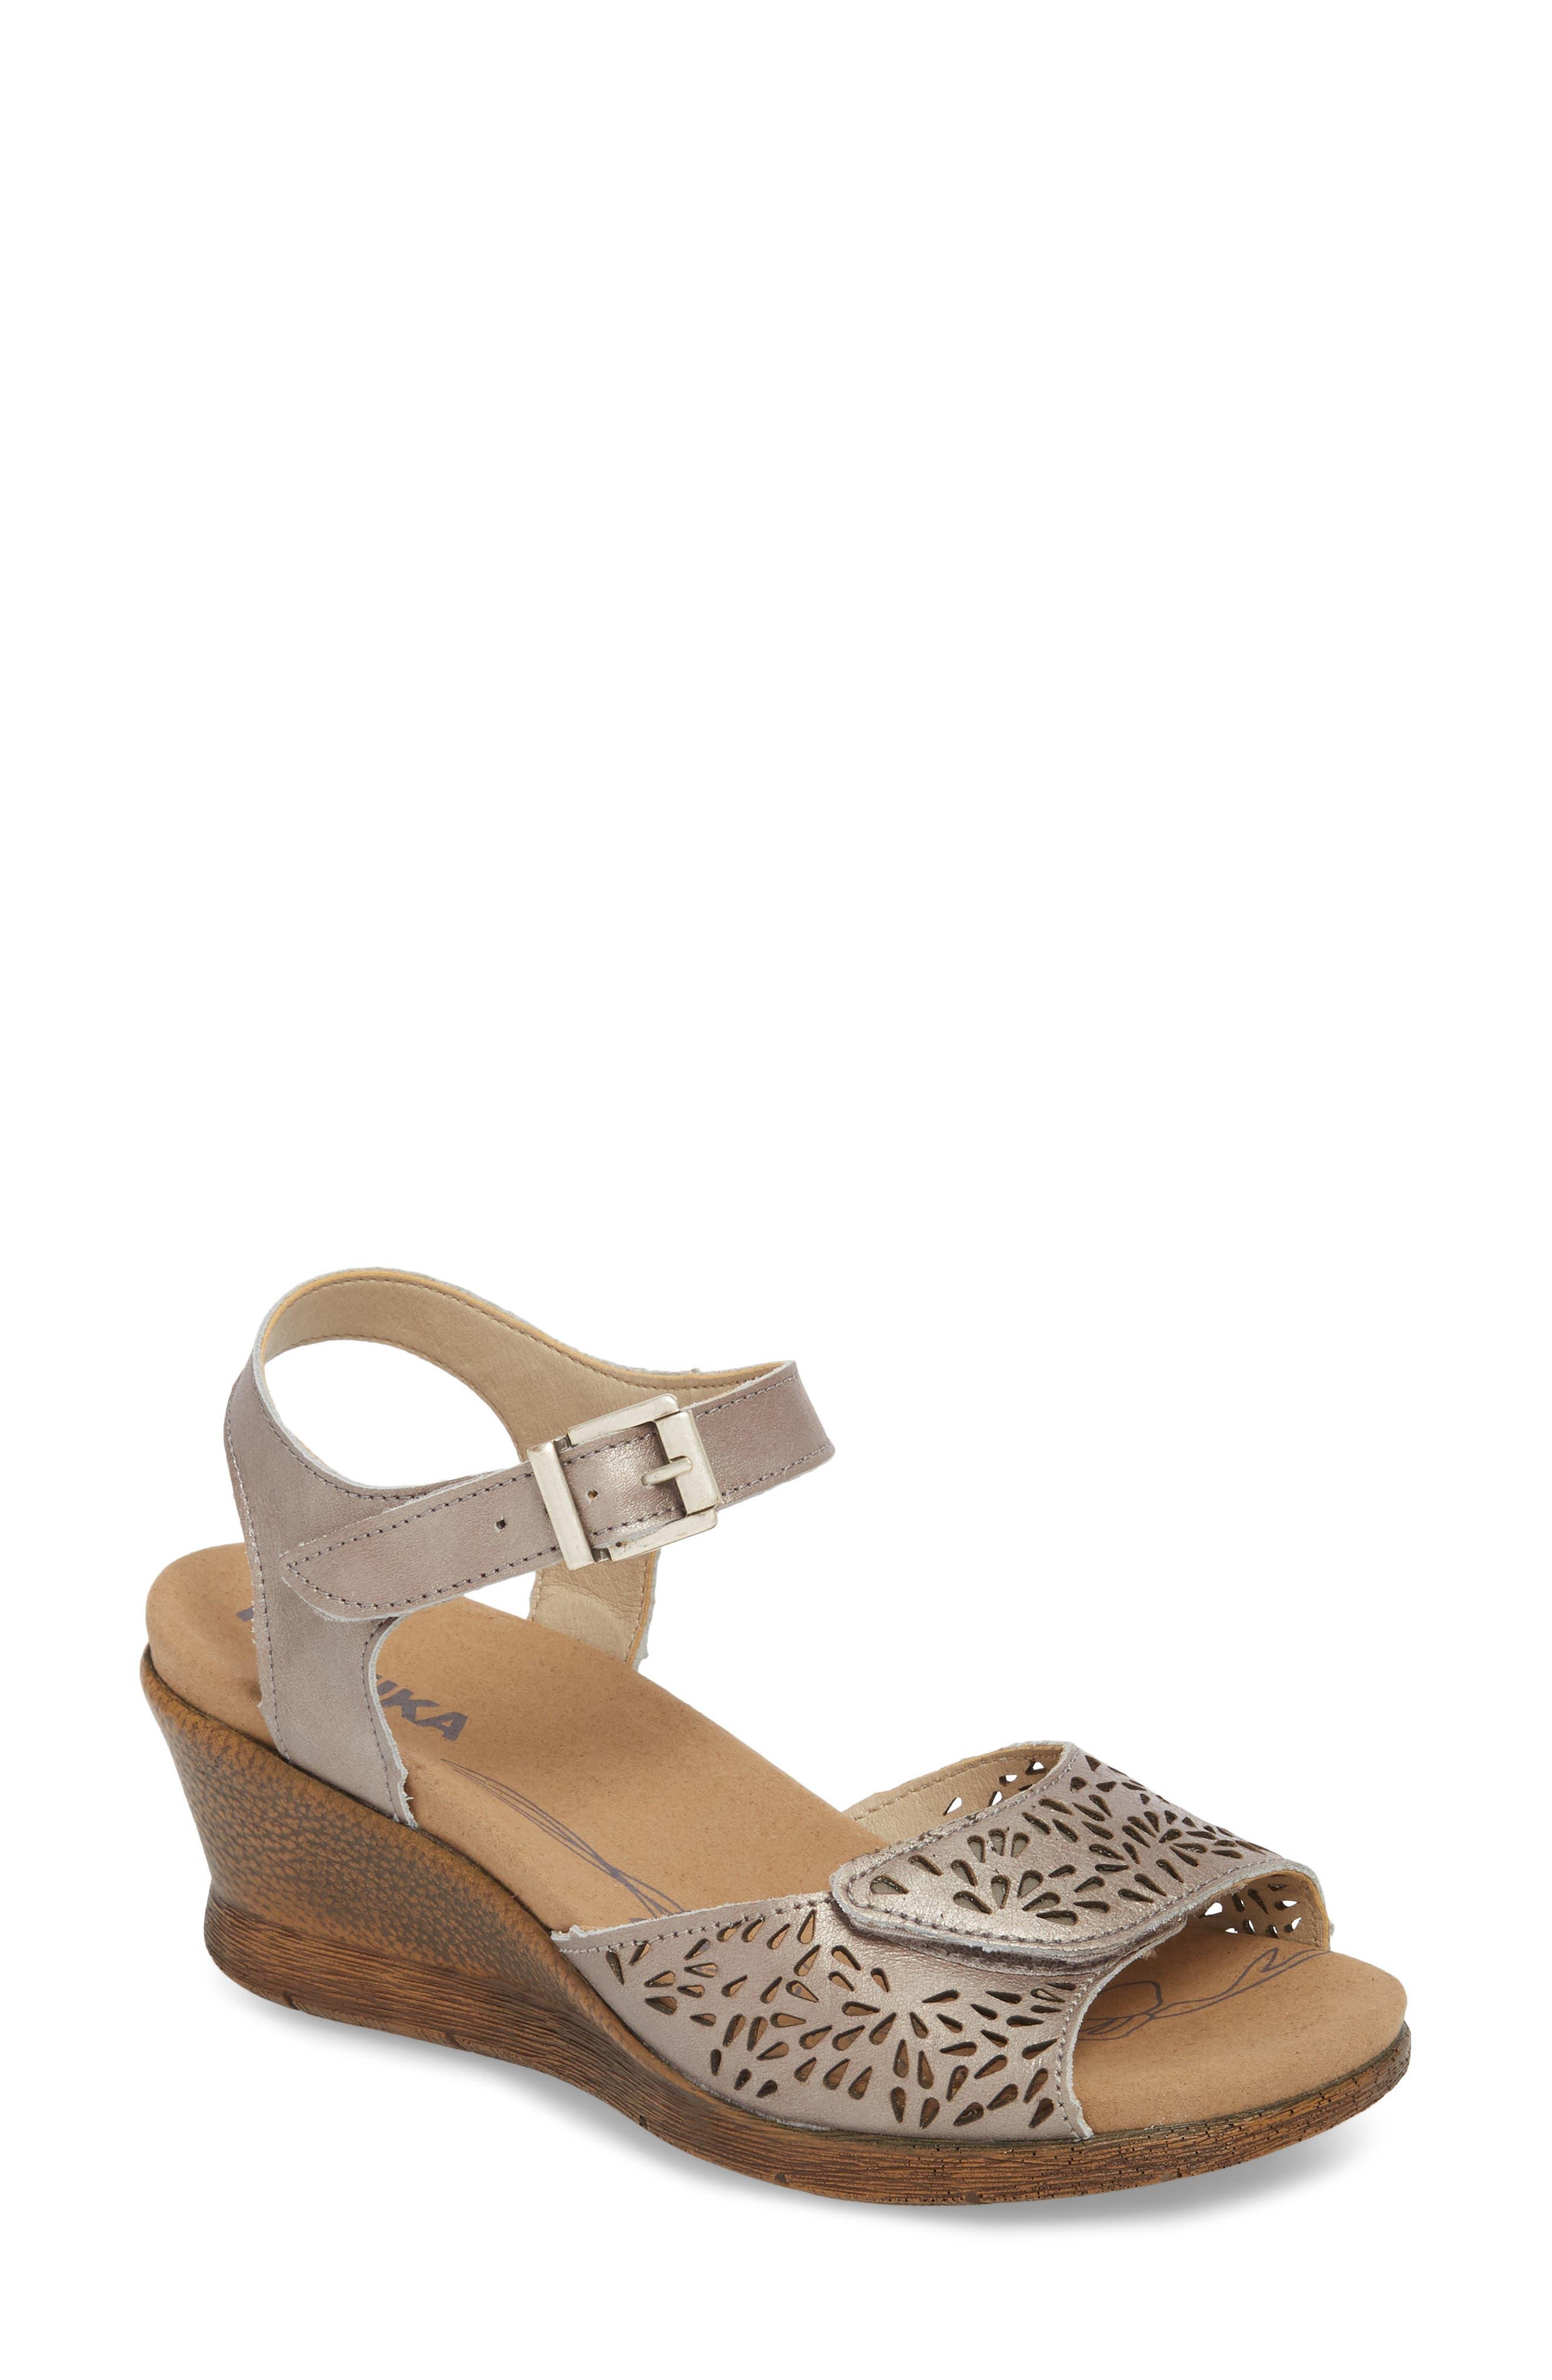 Nevis 05 Sandal,                             Main thumbnail 1, color,                             Platinum Leather